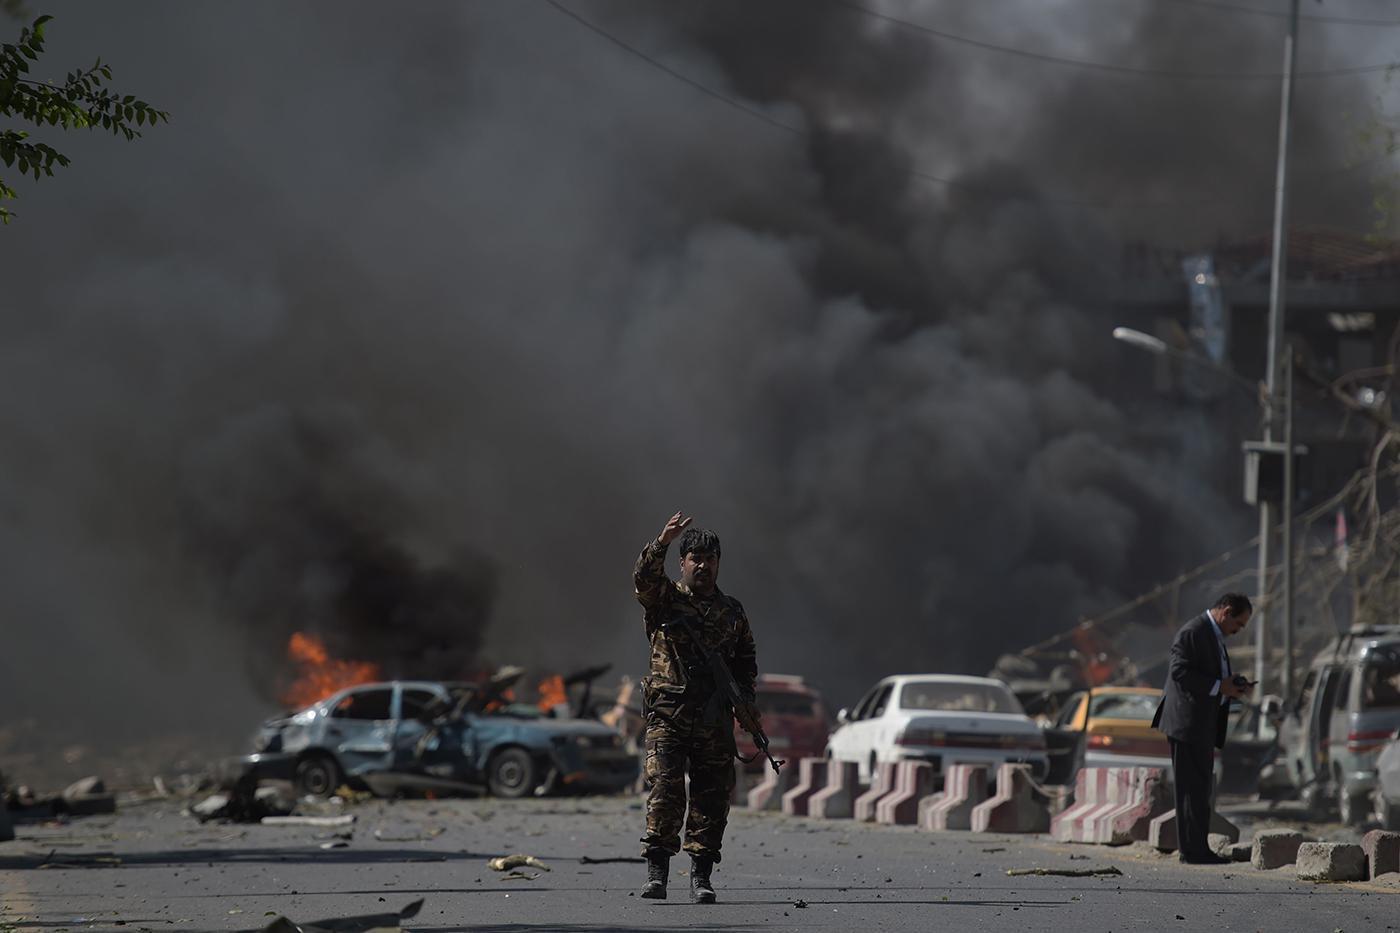 अफगानी सेनाको कारबाहीमा ७४ विद्रोहीको मृत्यु